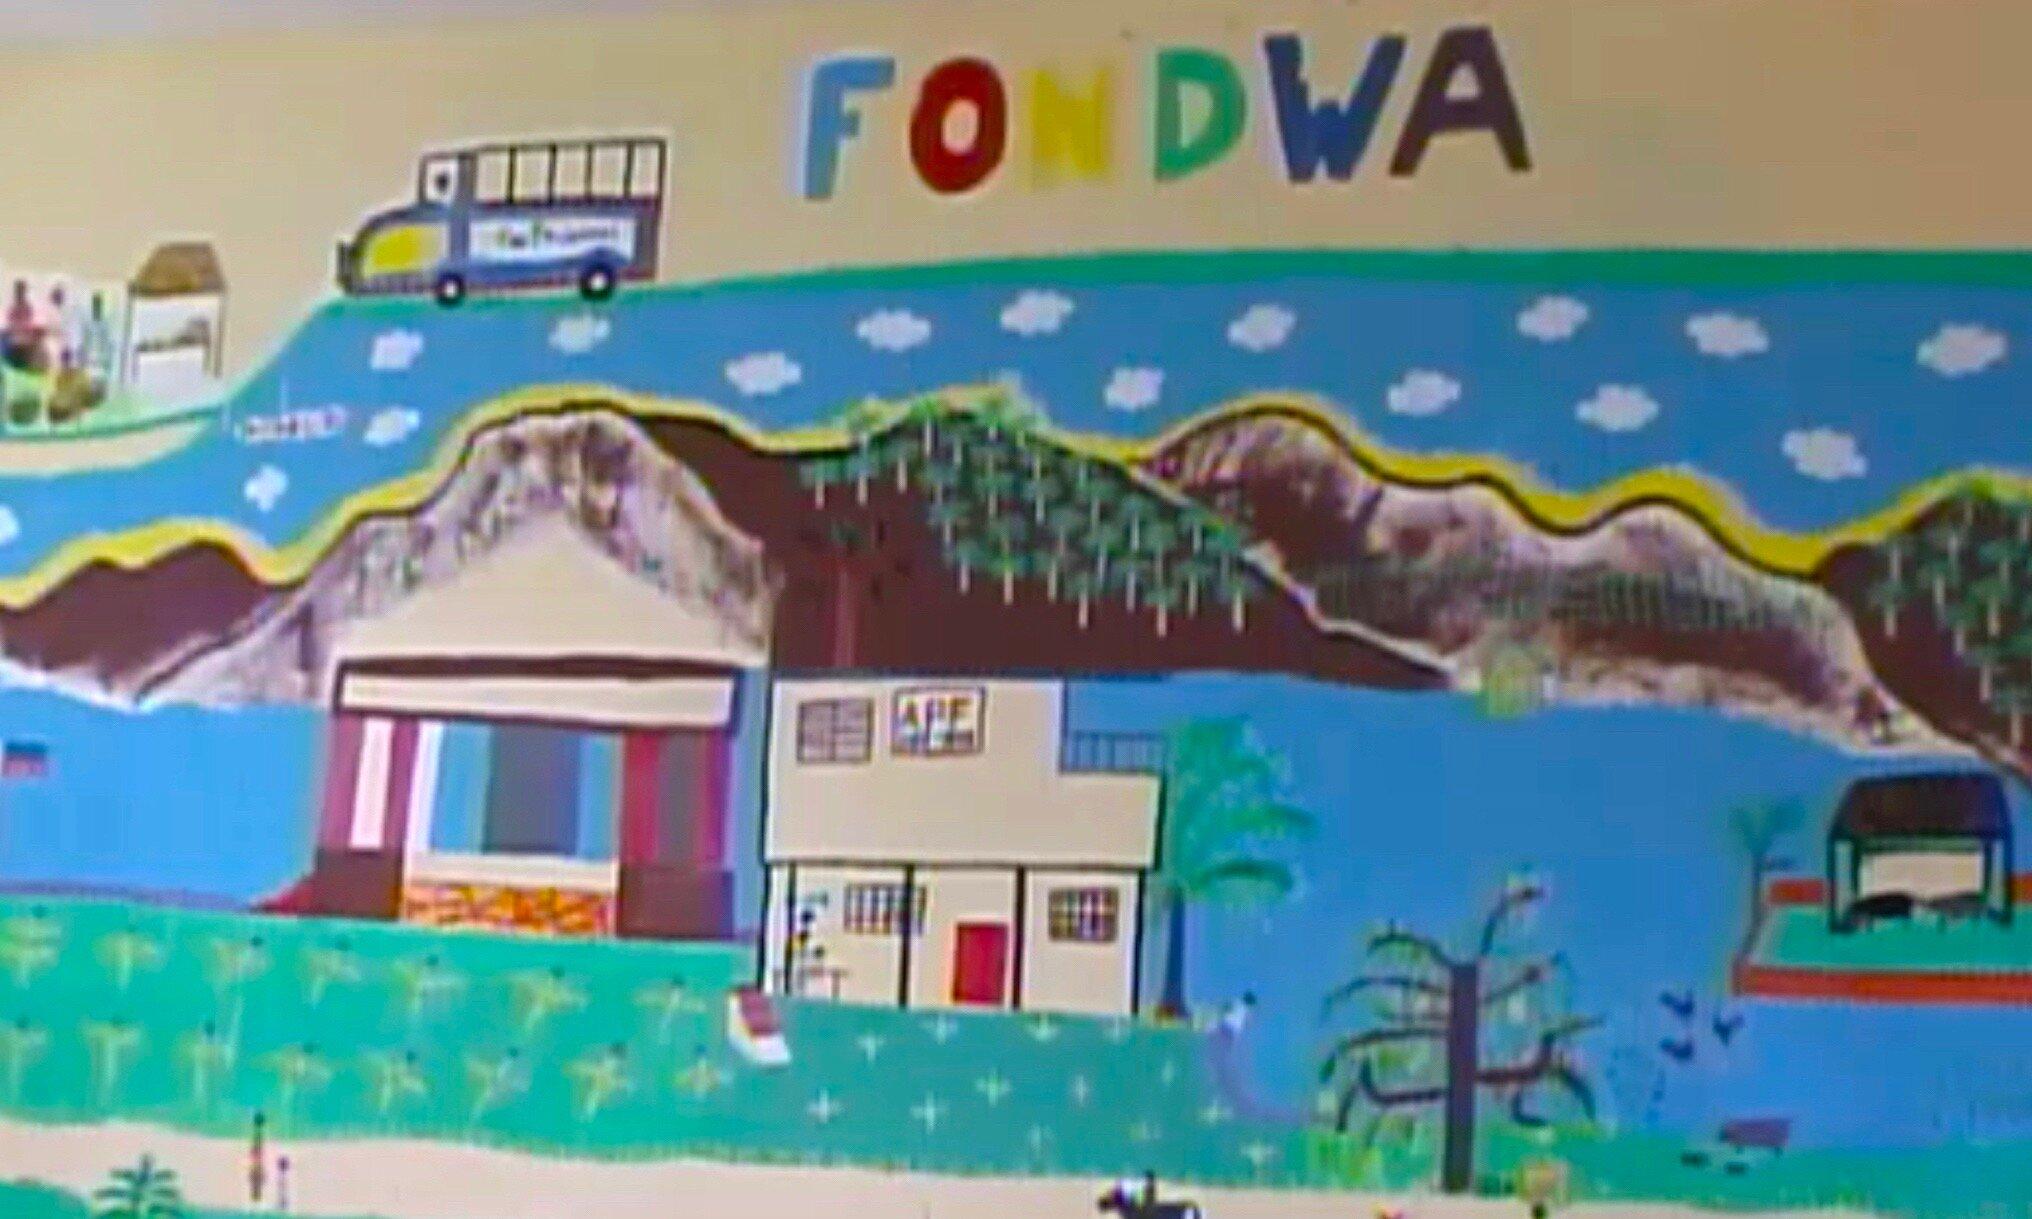 Fondwa mural (destroyed January 2010).jpeg